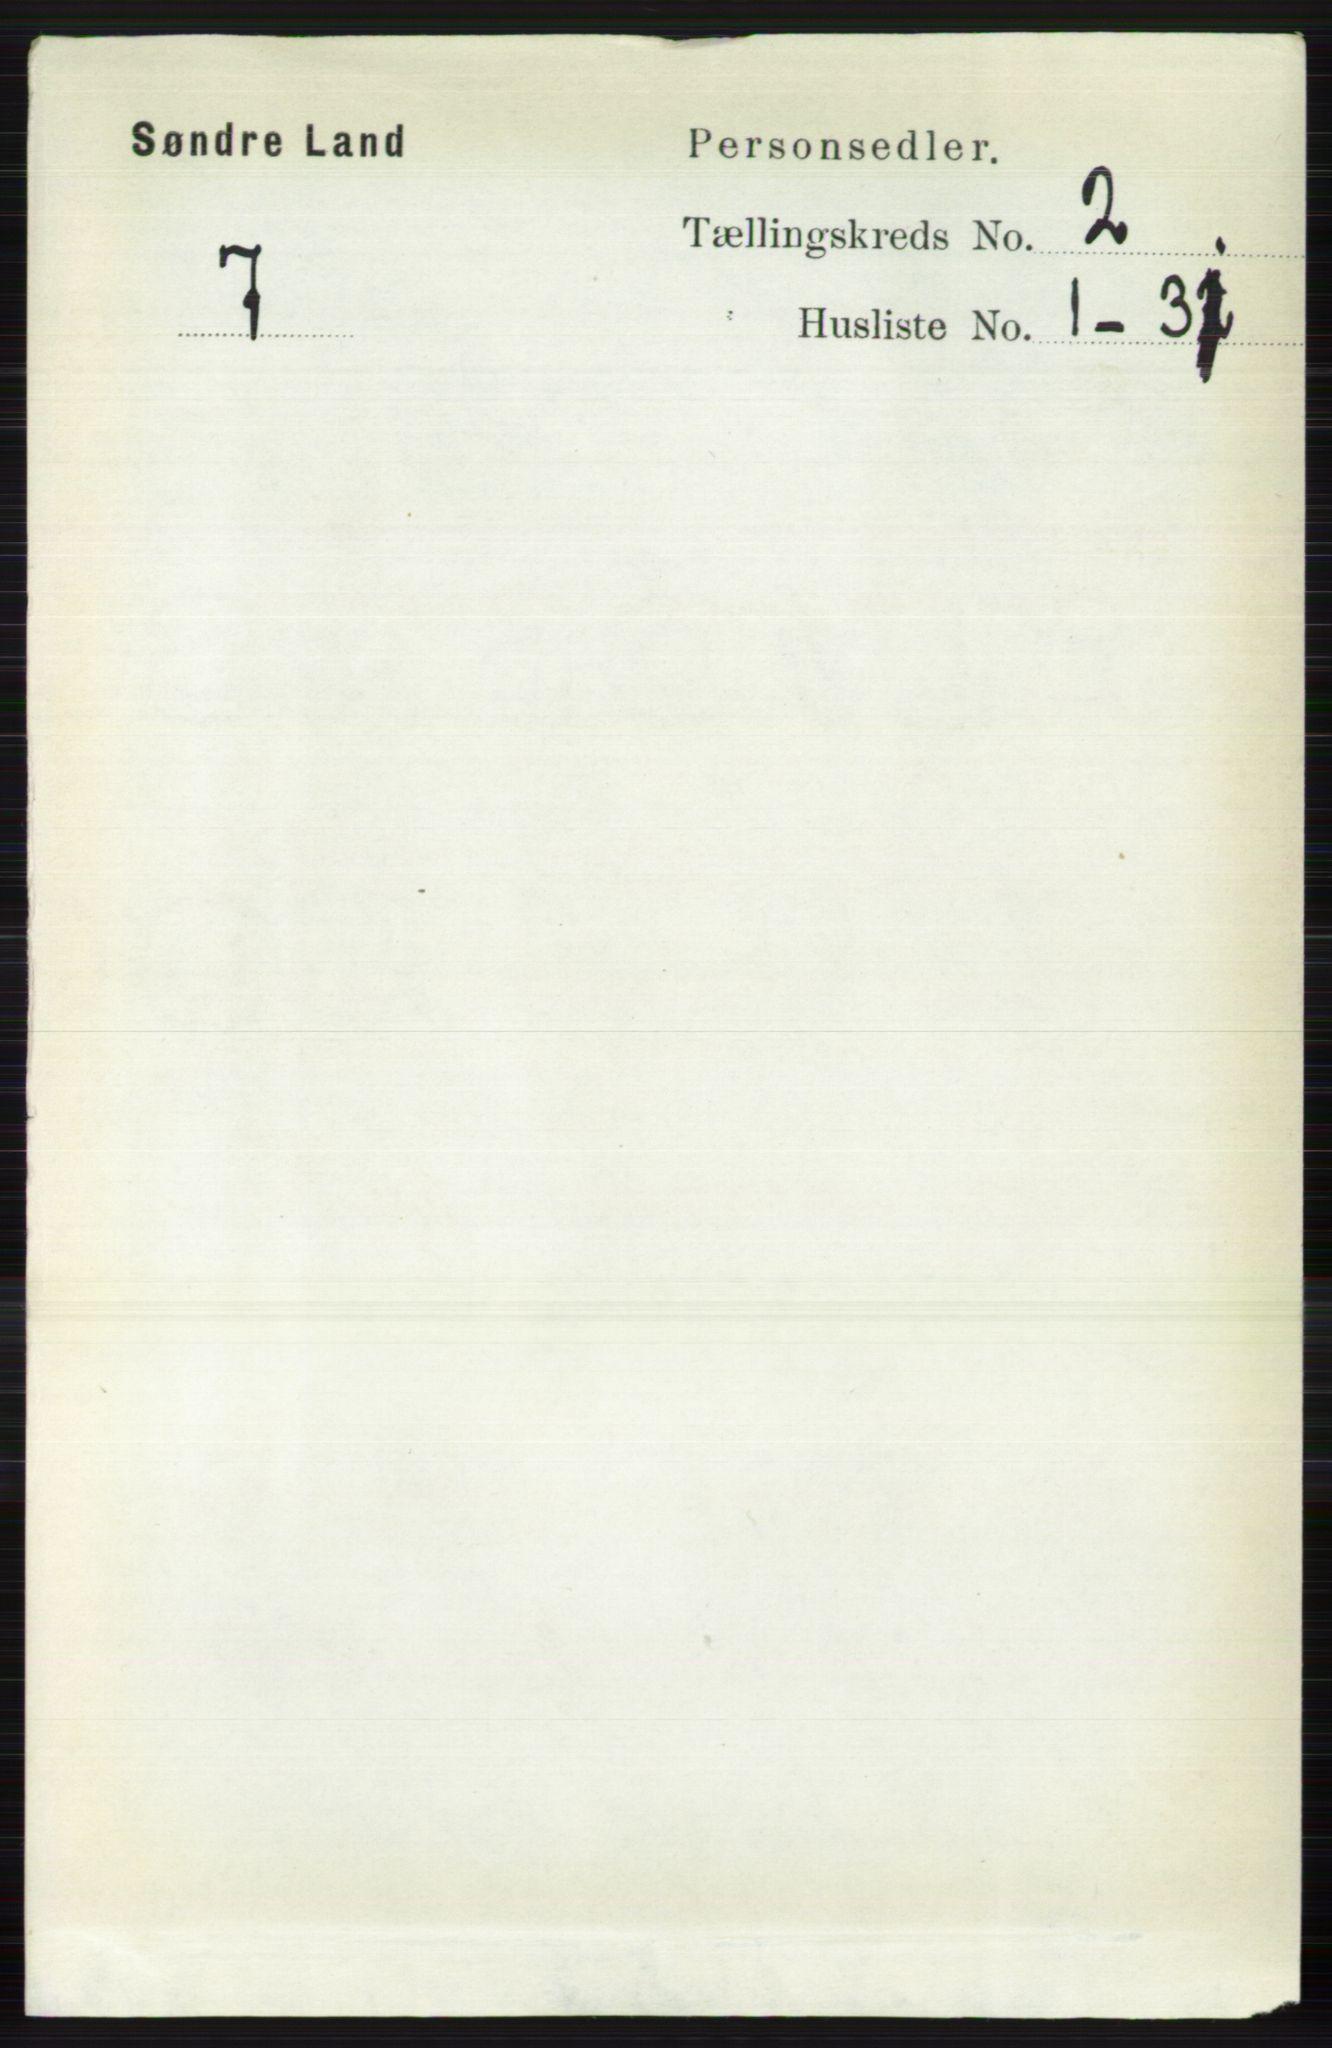 RA, Folketelling 1891 for 0536 Søndre Land herred, 1891, s. 1027